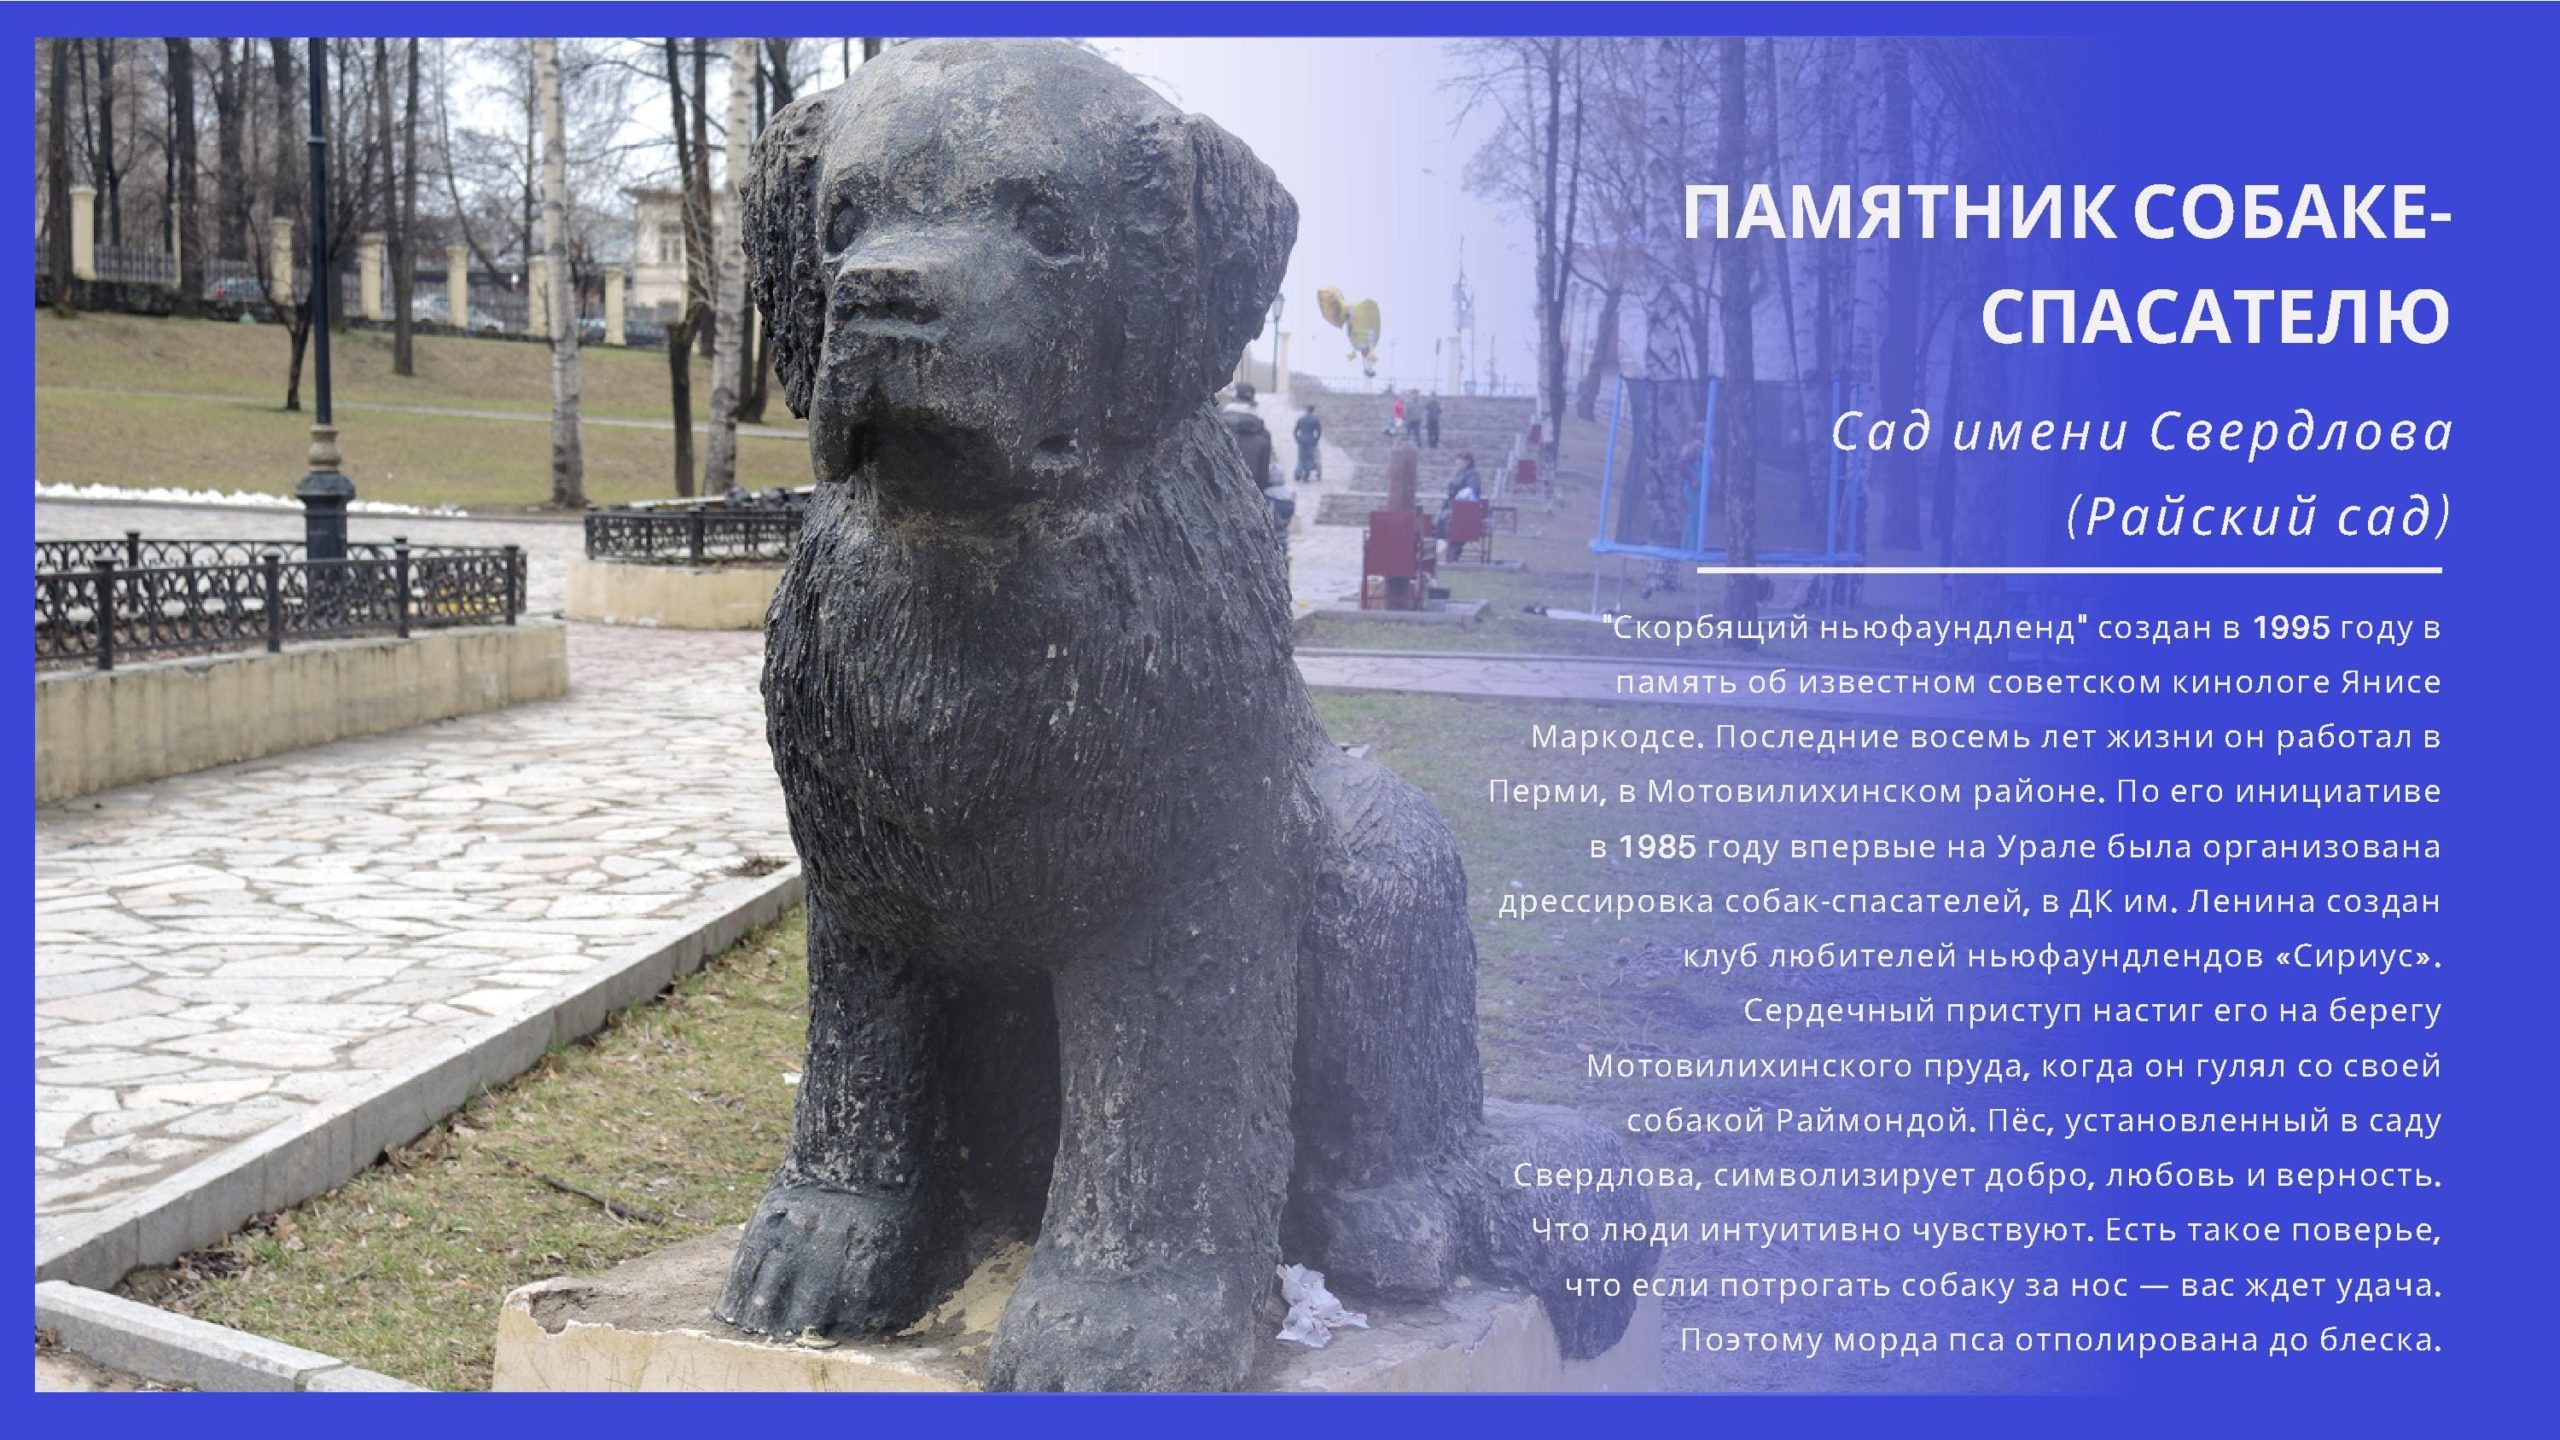 Памятник собаке-спасателю. Сад имени Свердлова (Райский сад)